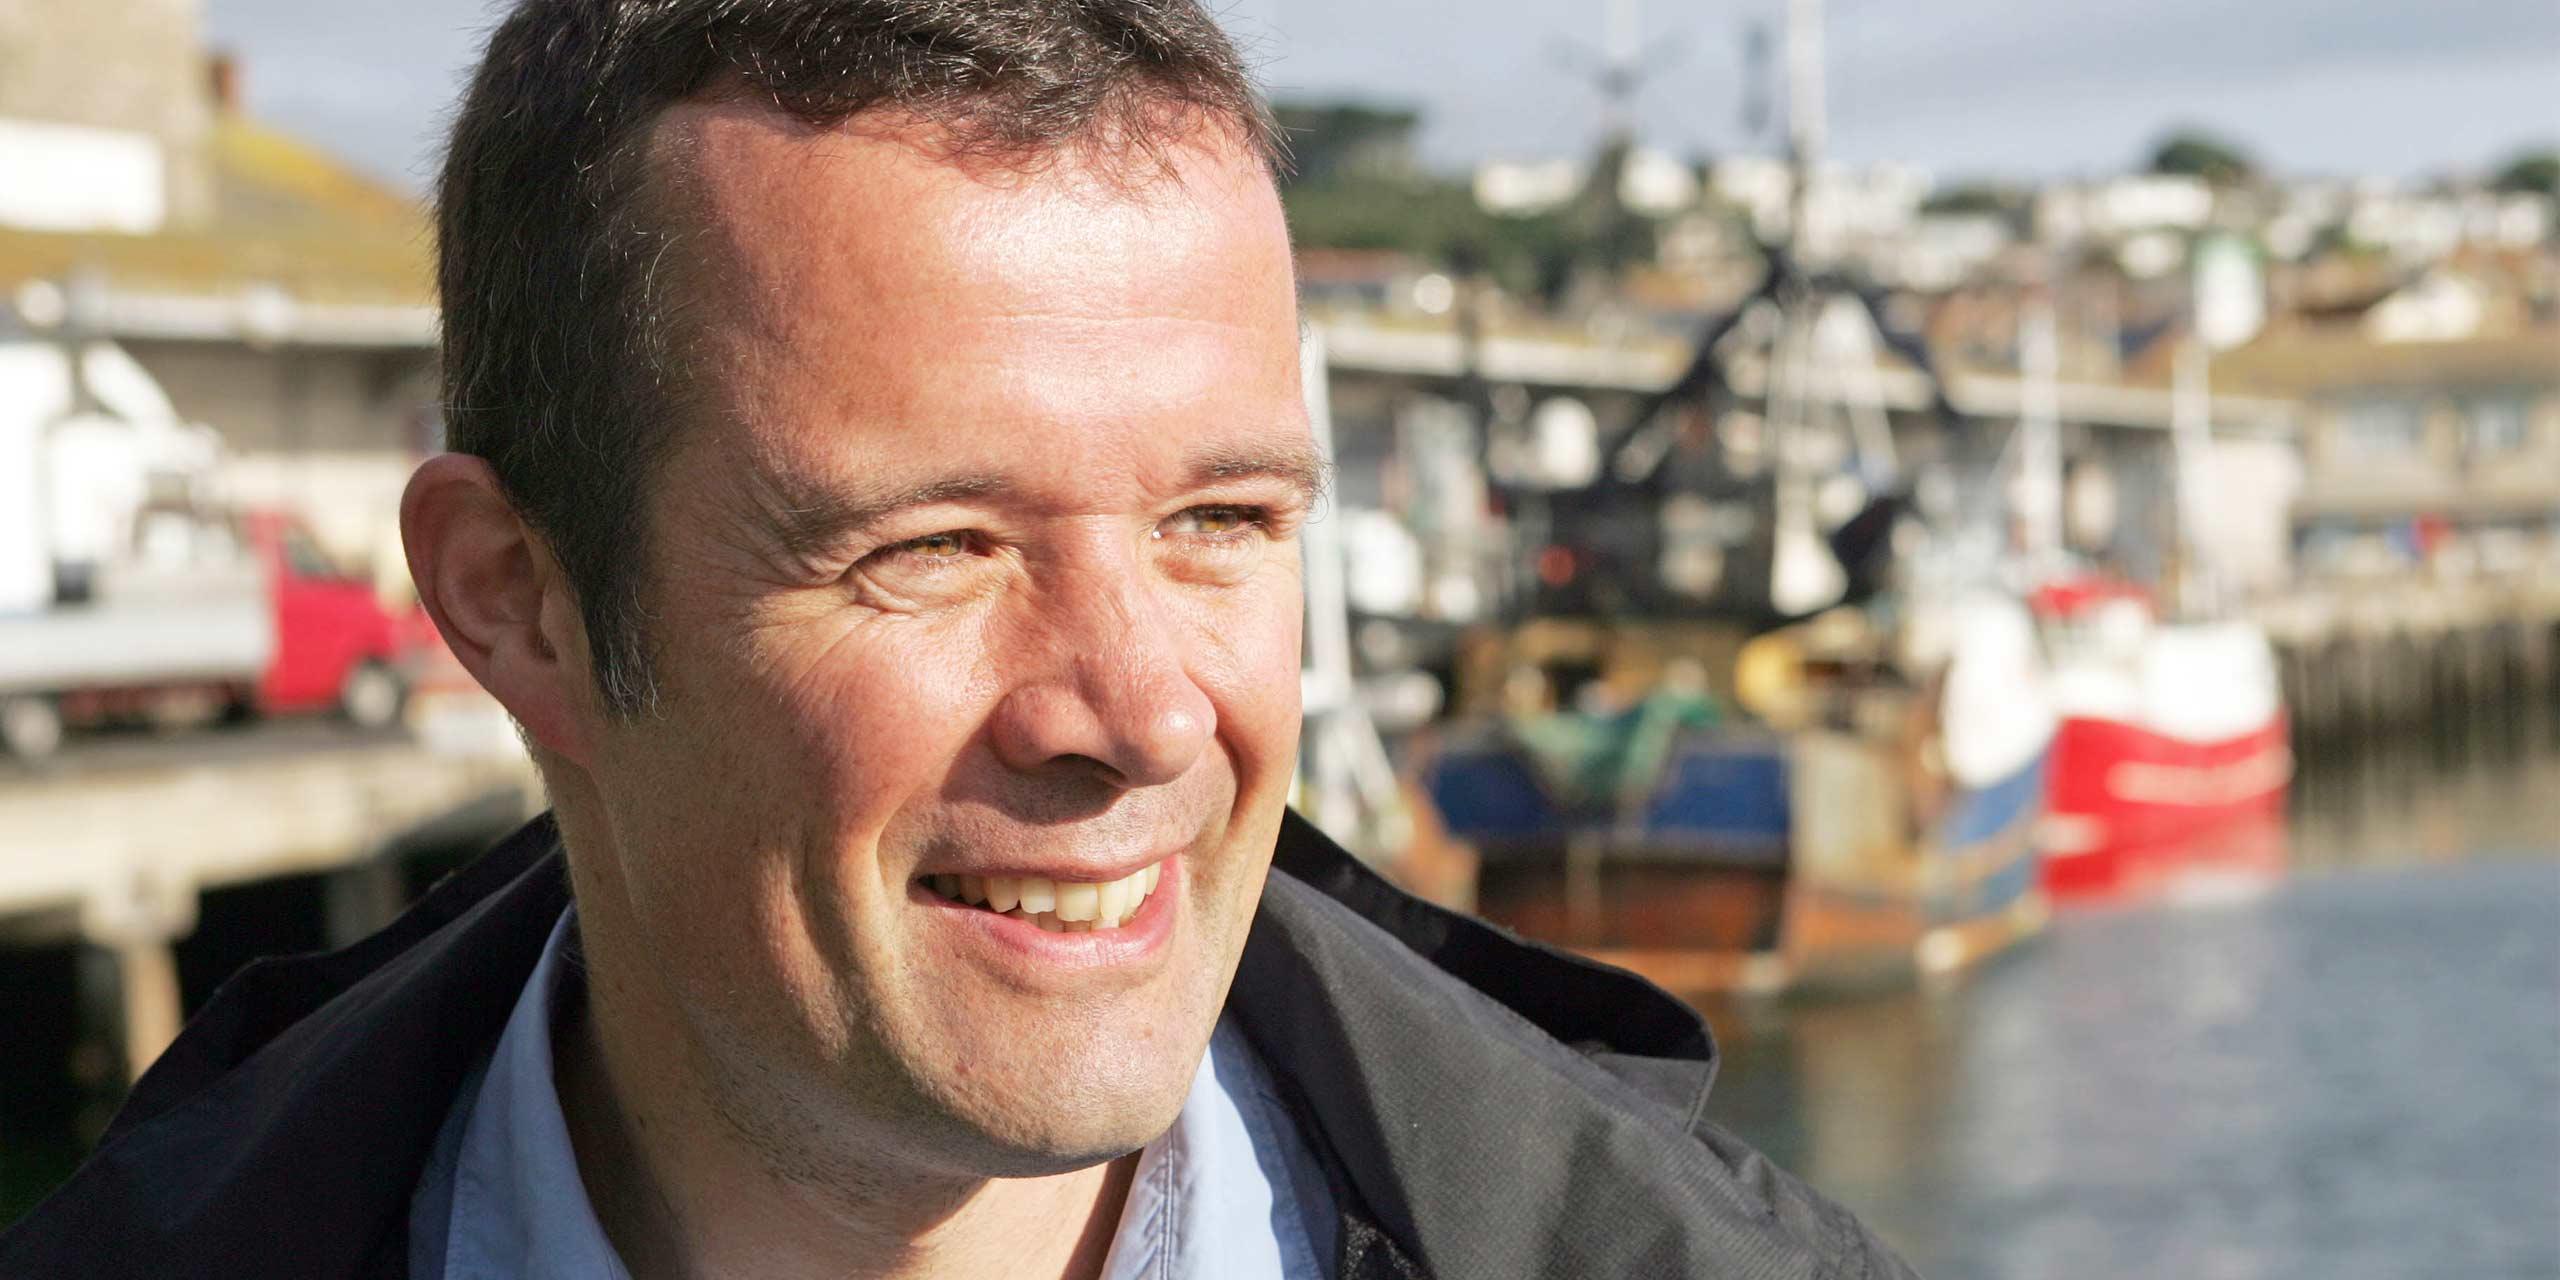 http://skollworldforumorg.c.presscdn.com/wp-content/uploads/2014/02/marine-stewardship-council-sl3.jpg